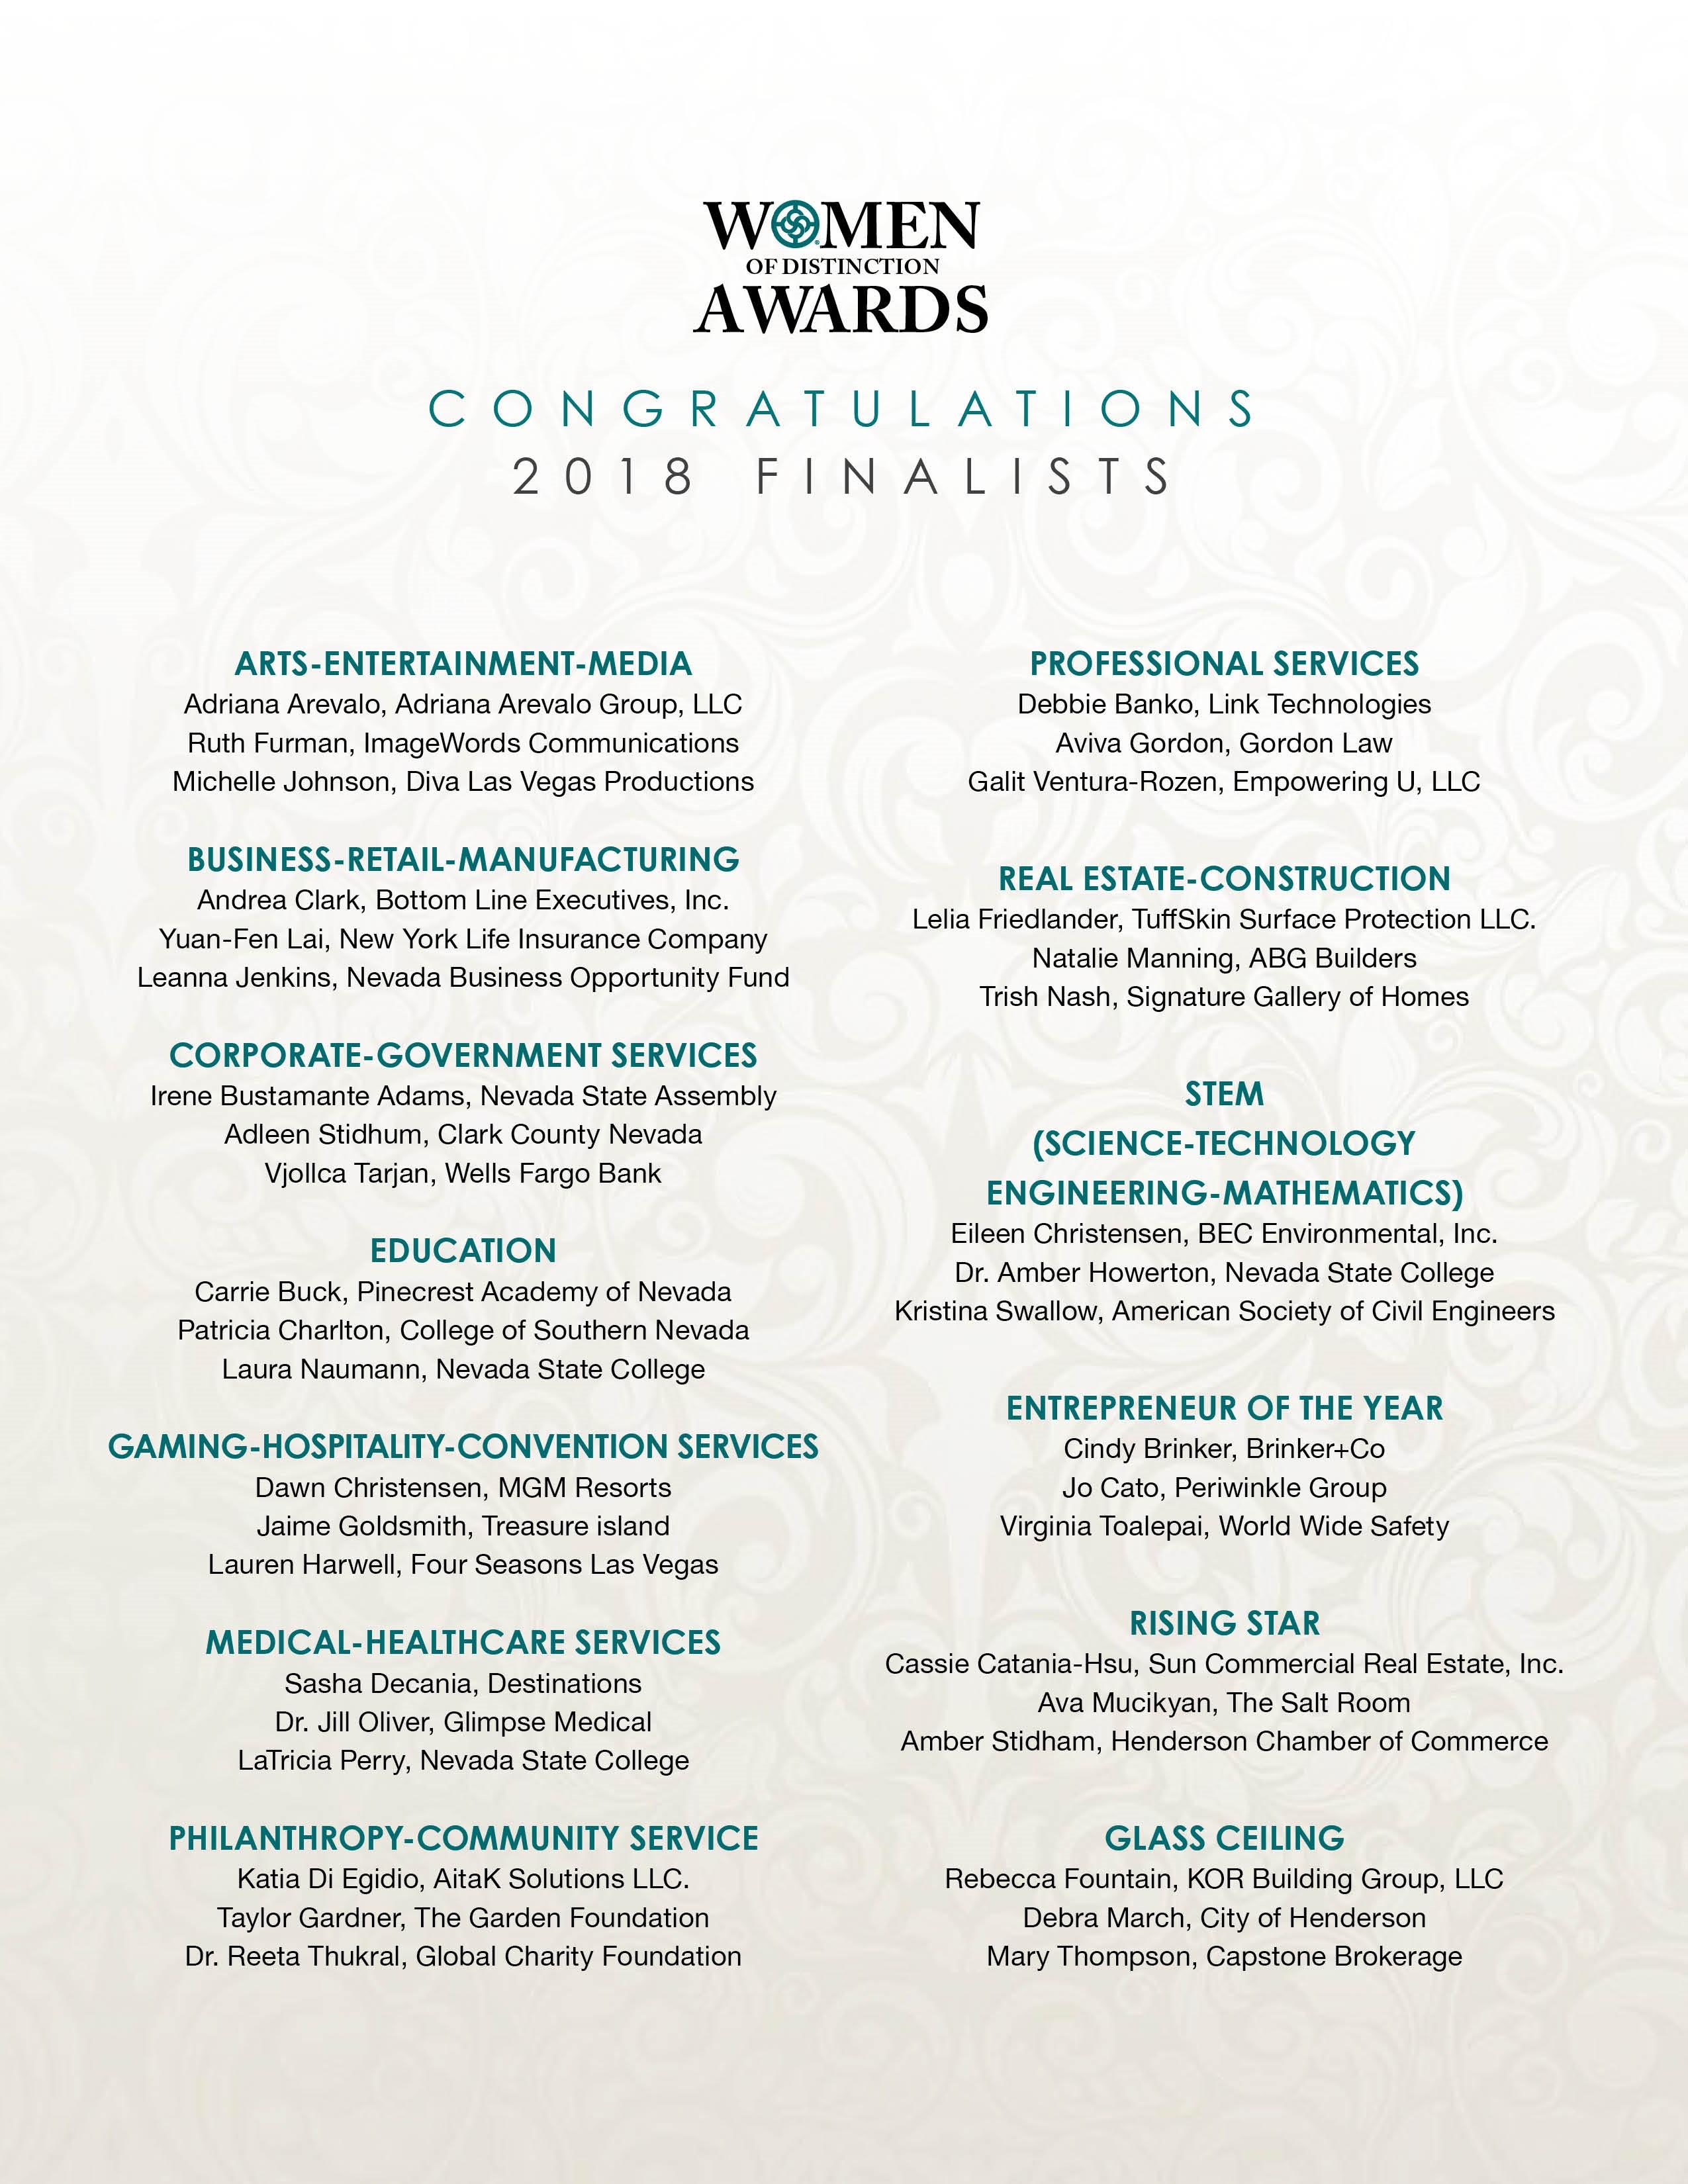 WODA 2018 Finalists